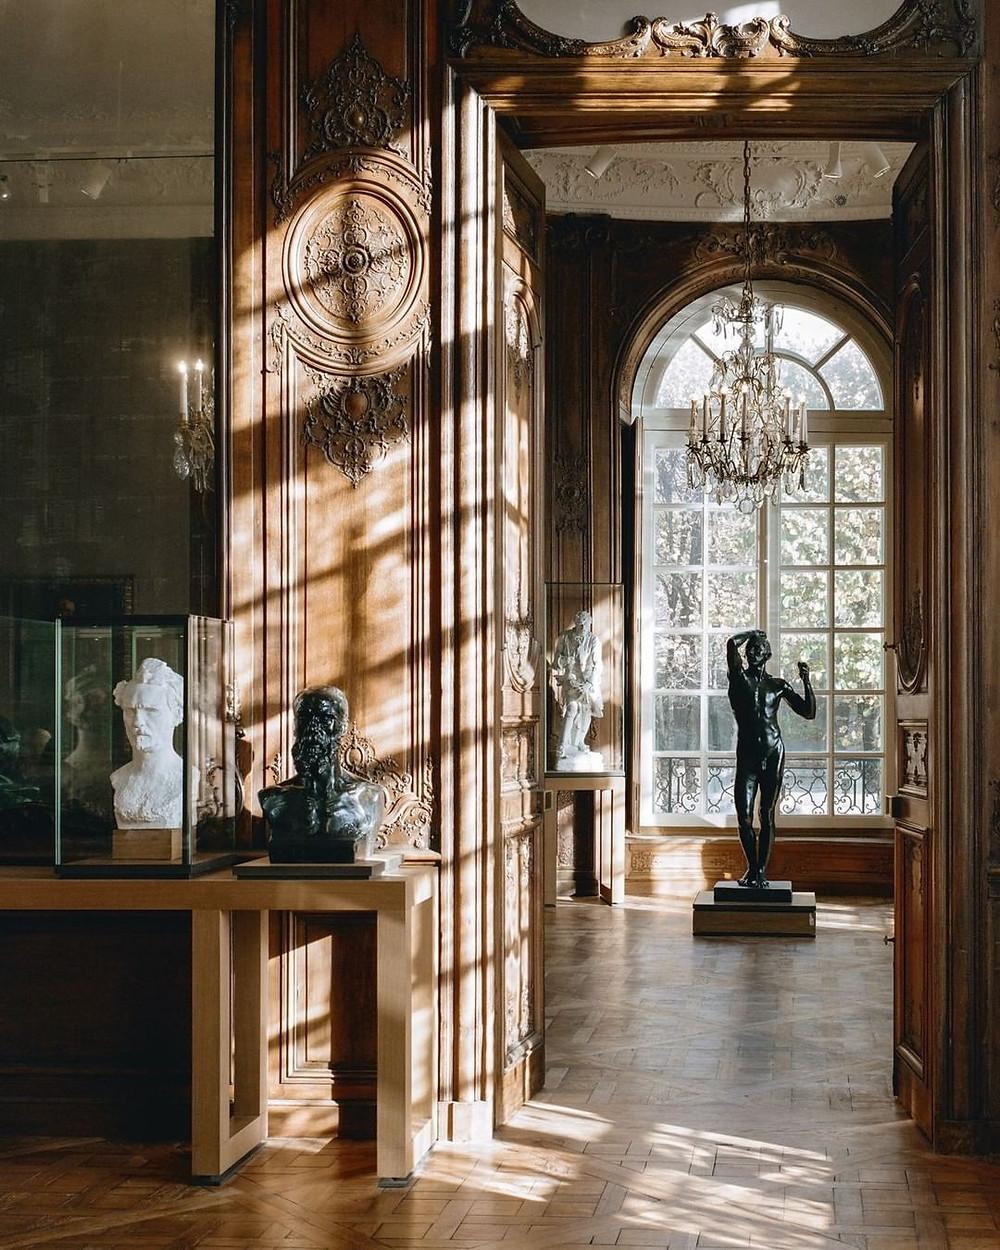 Musée Rodin inside